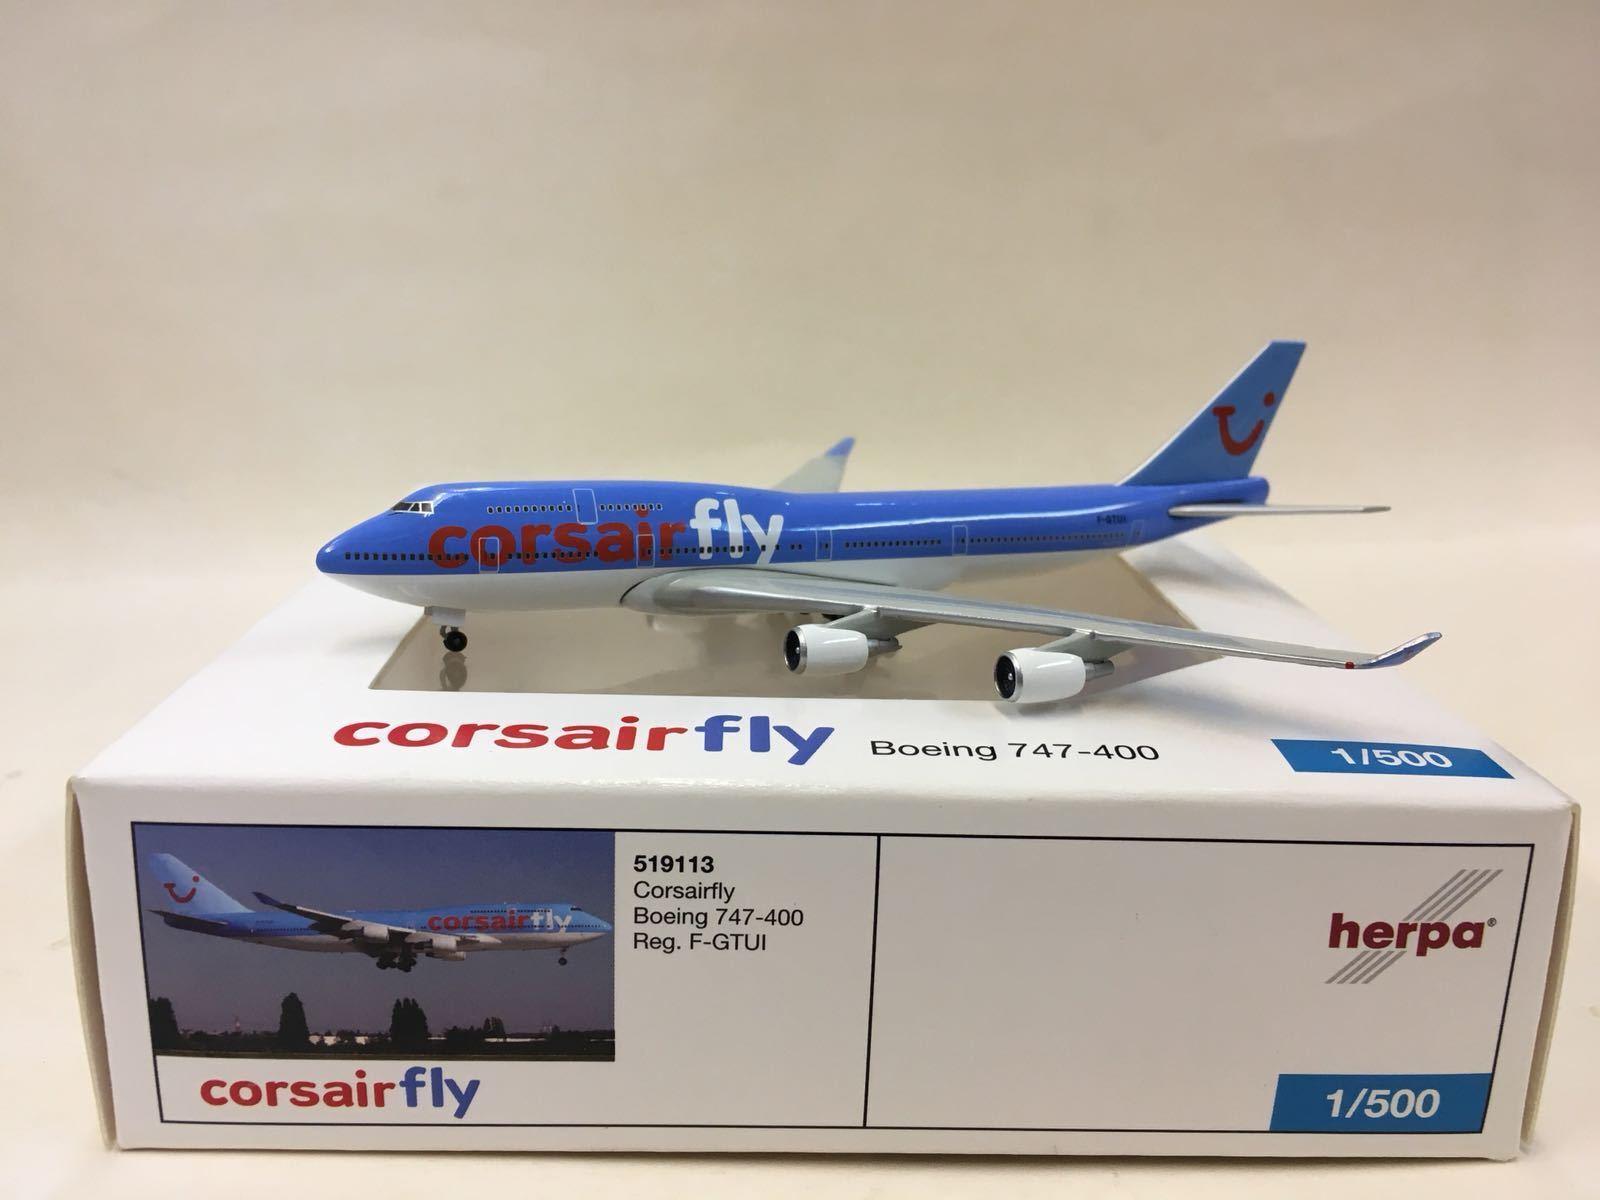 Herpa Wings Corsairfly Boeing 747-400 1 500 519113 F-gtui